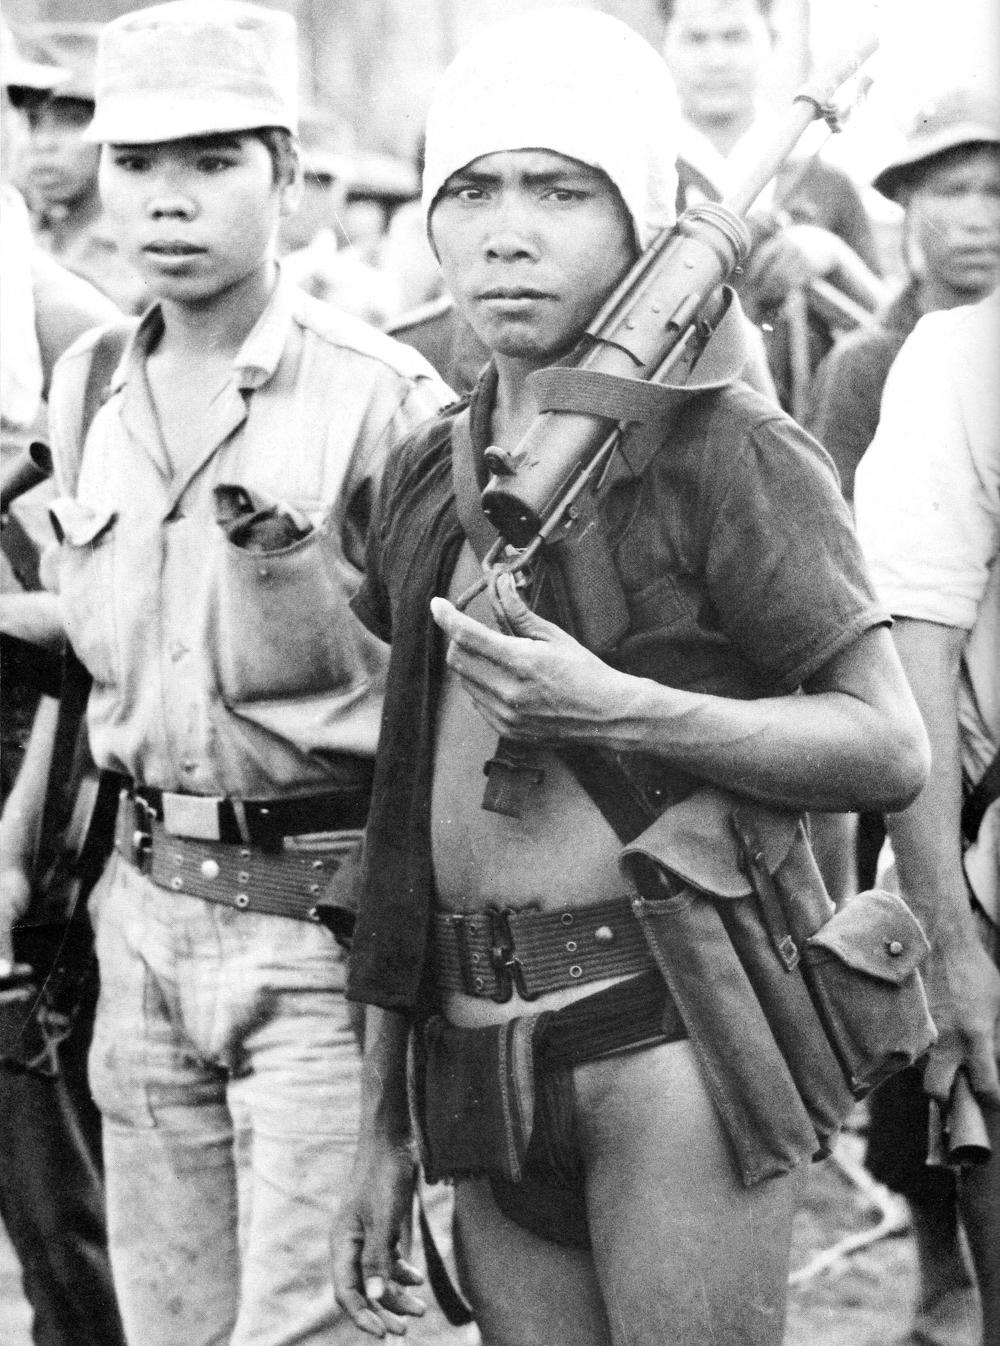 Degar tribesmen, 1962.